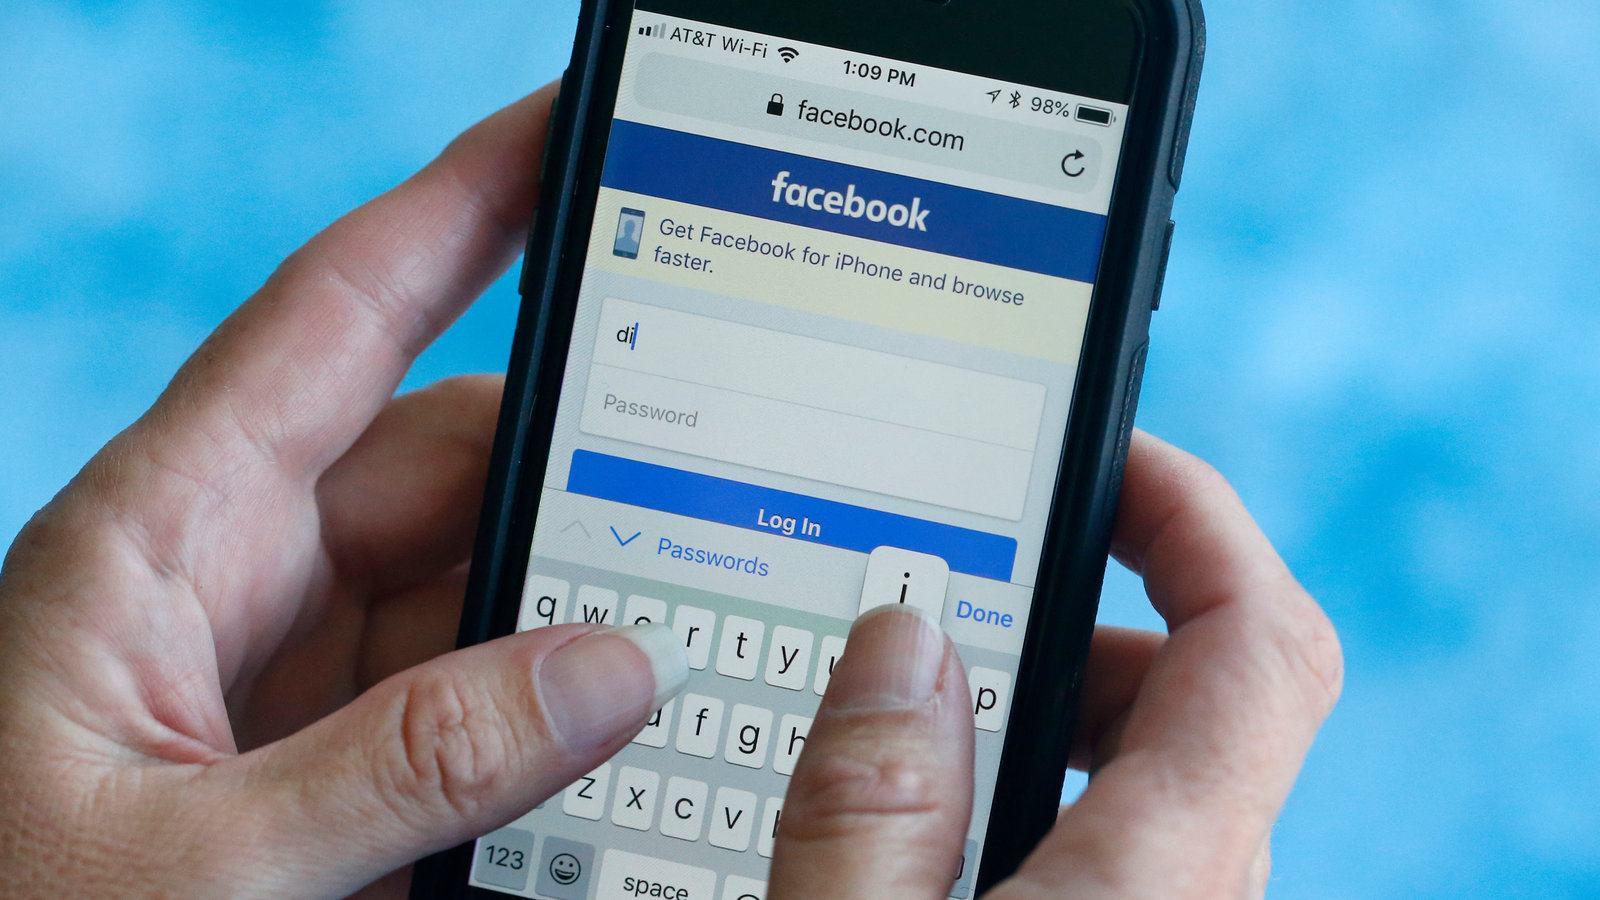 Cách lấy lại mật khẩu facebooknhanh chóng